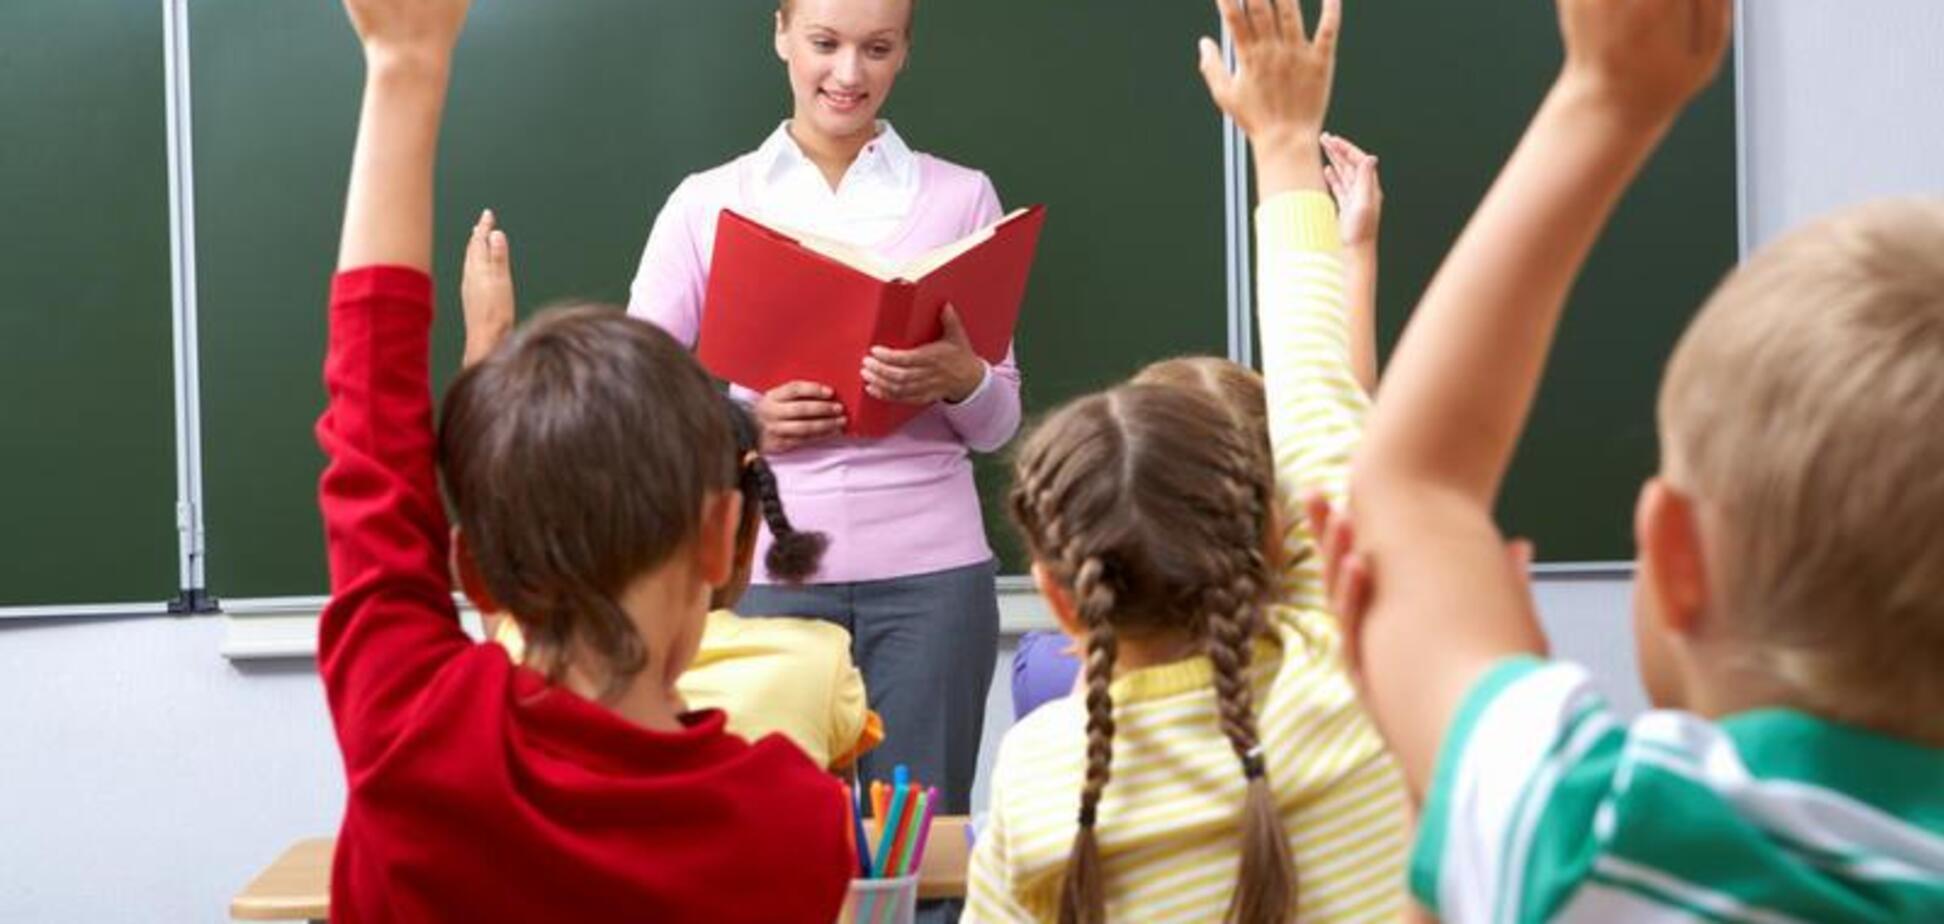 Брак и семья: нужно ли школьникам об этом знать?